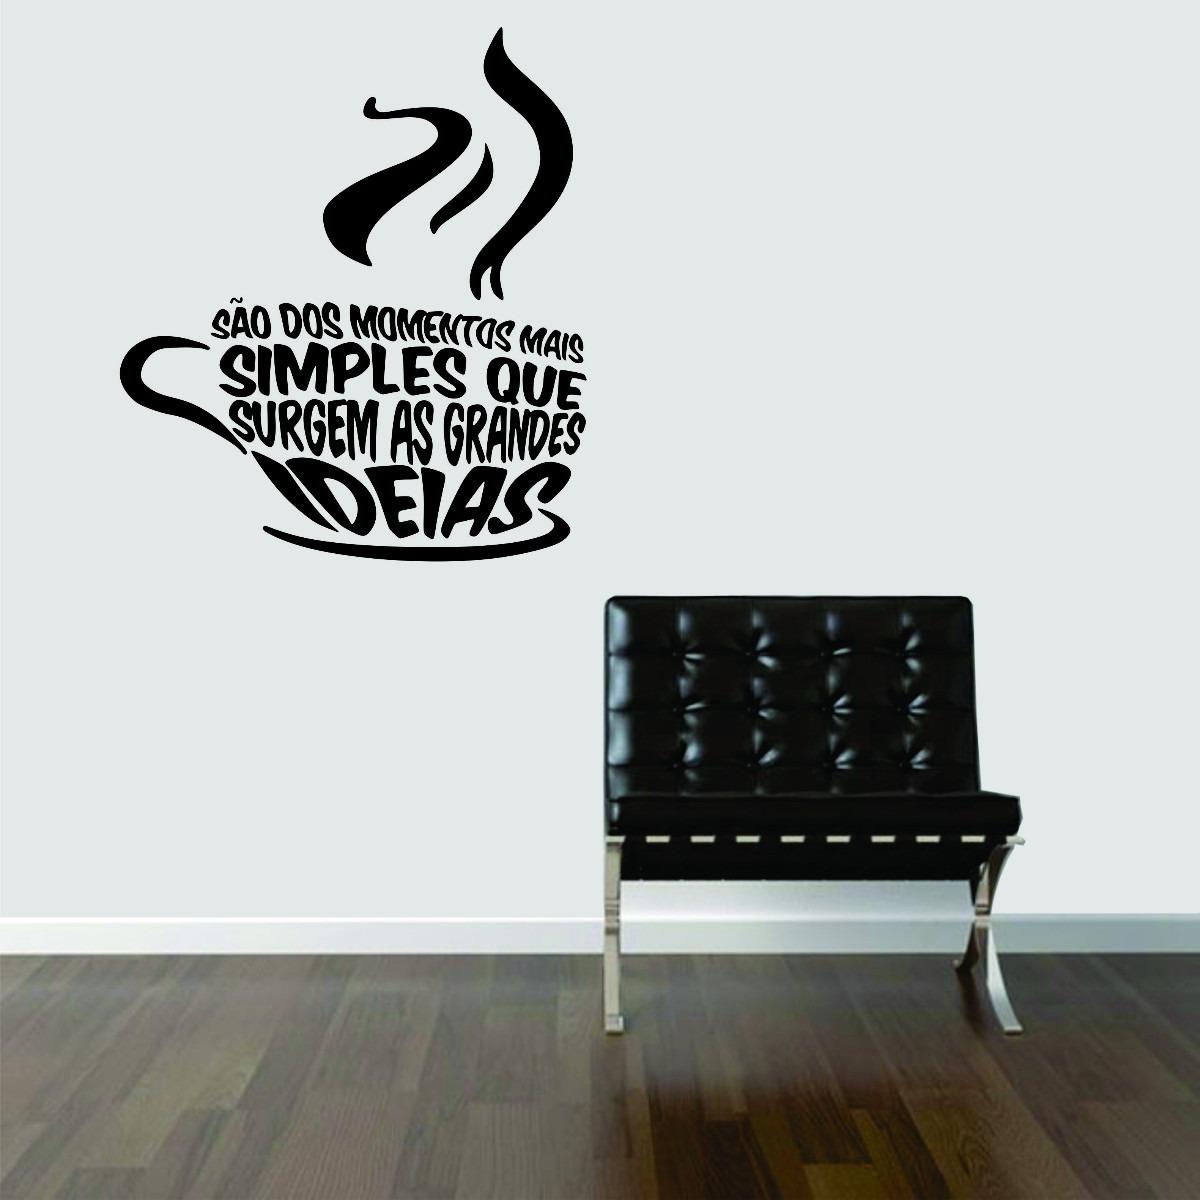 Adesivo De Mesversario ~ Adesivo Decorativo De Parede Cozinha Cafe Coffee Frases R$ 44,99 em Mercado Livre